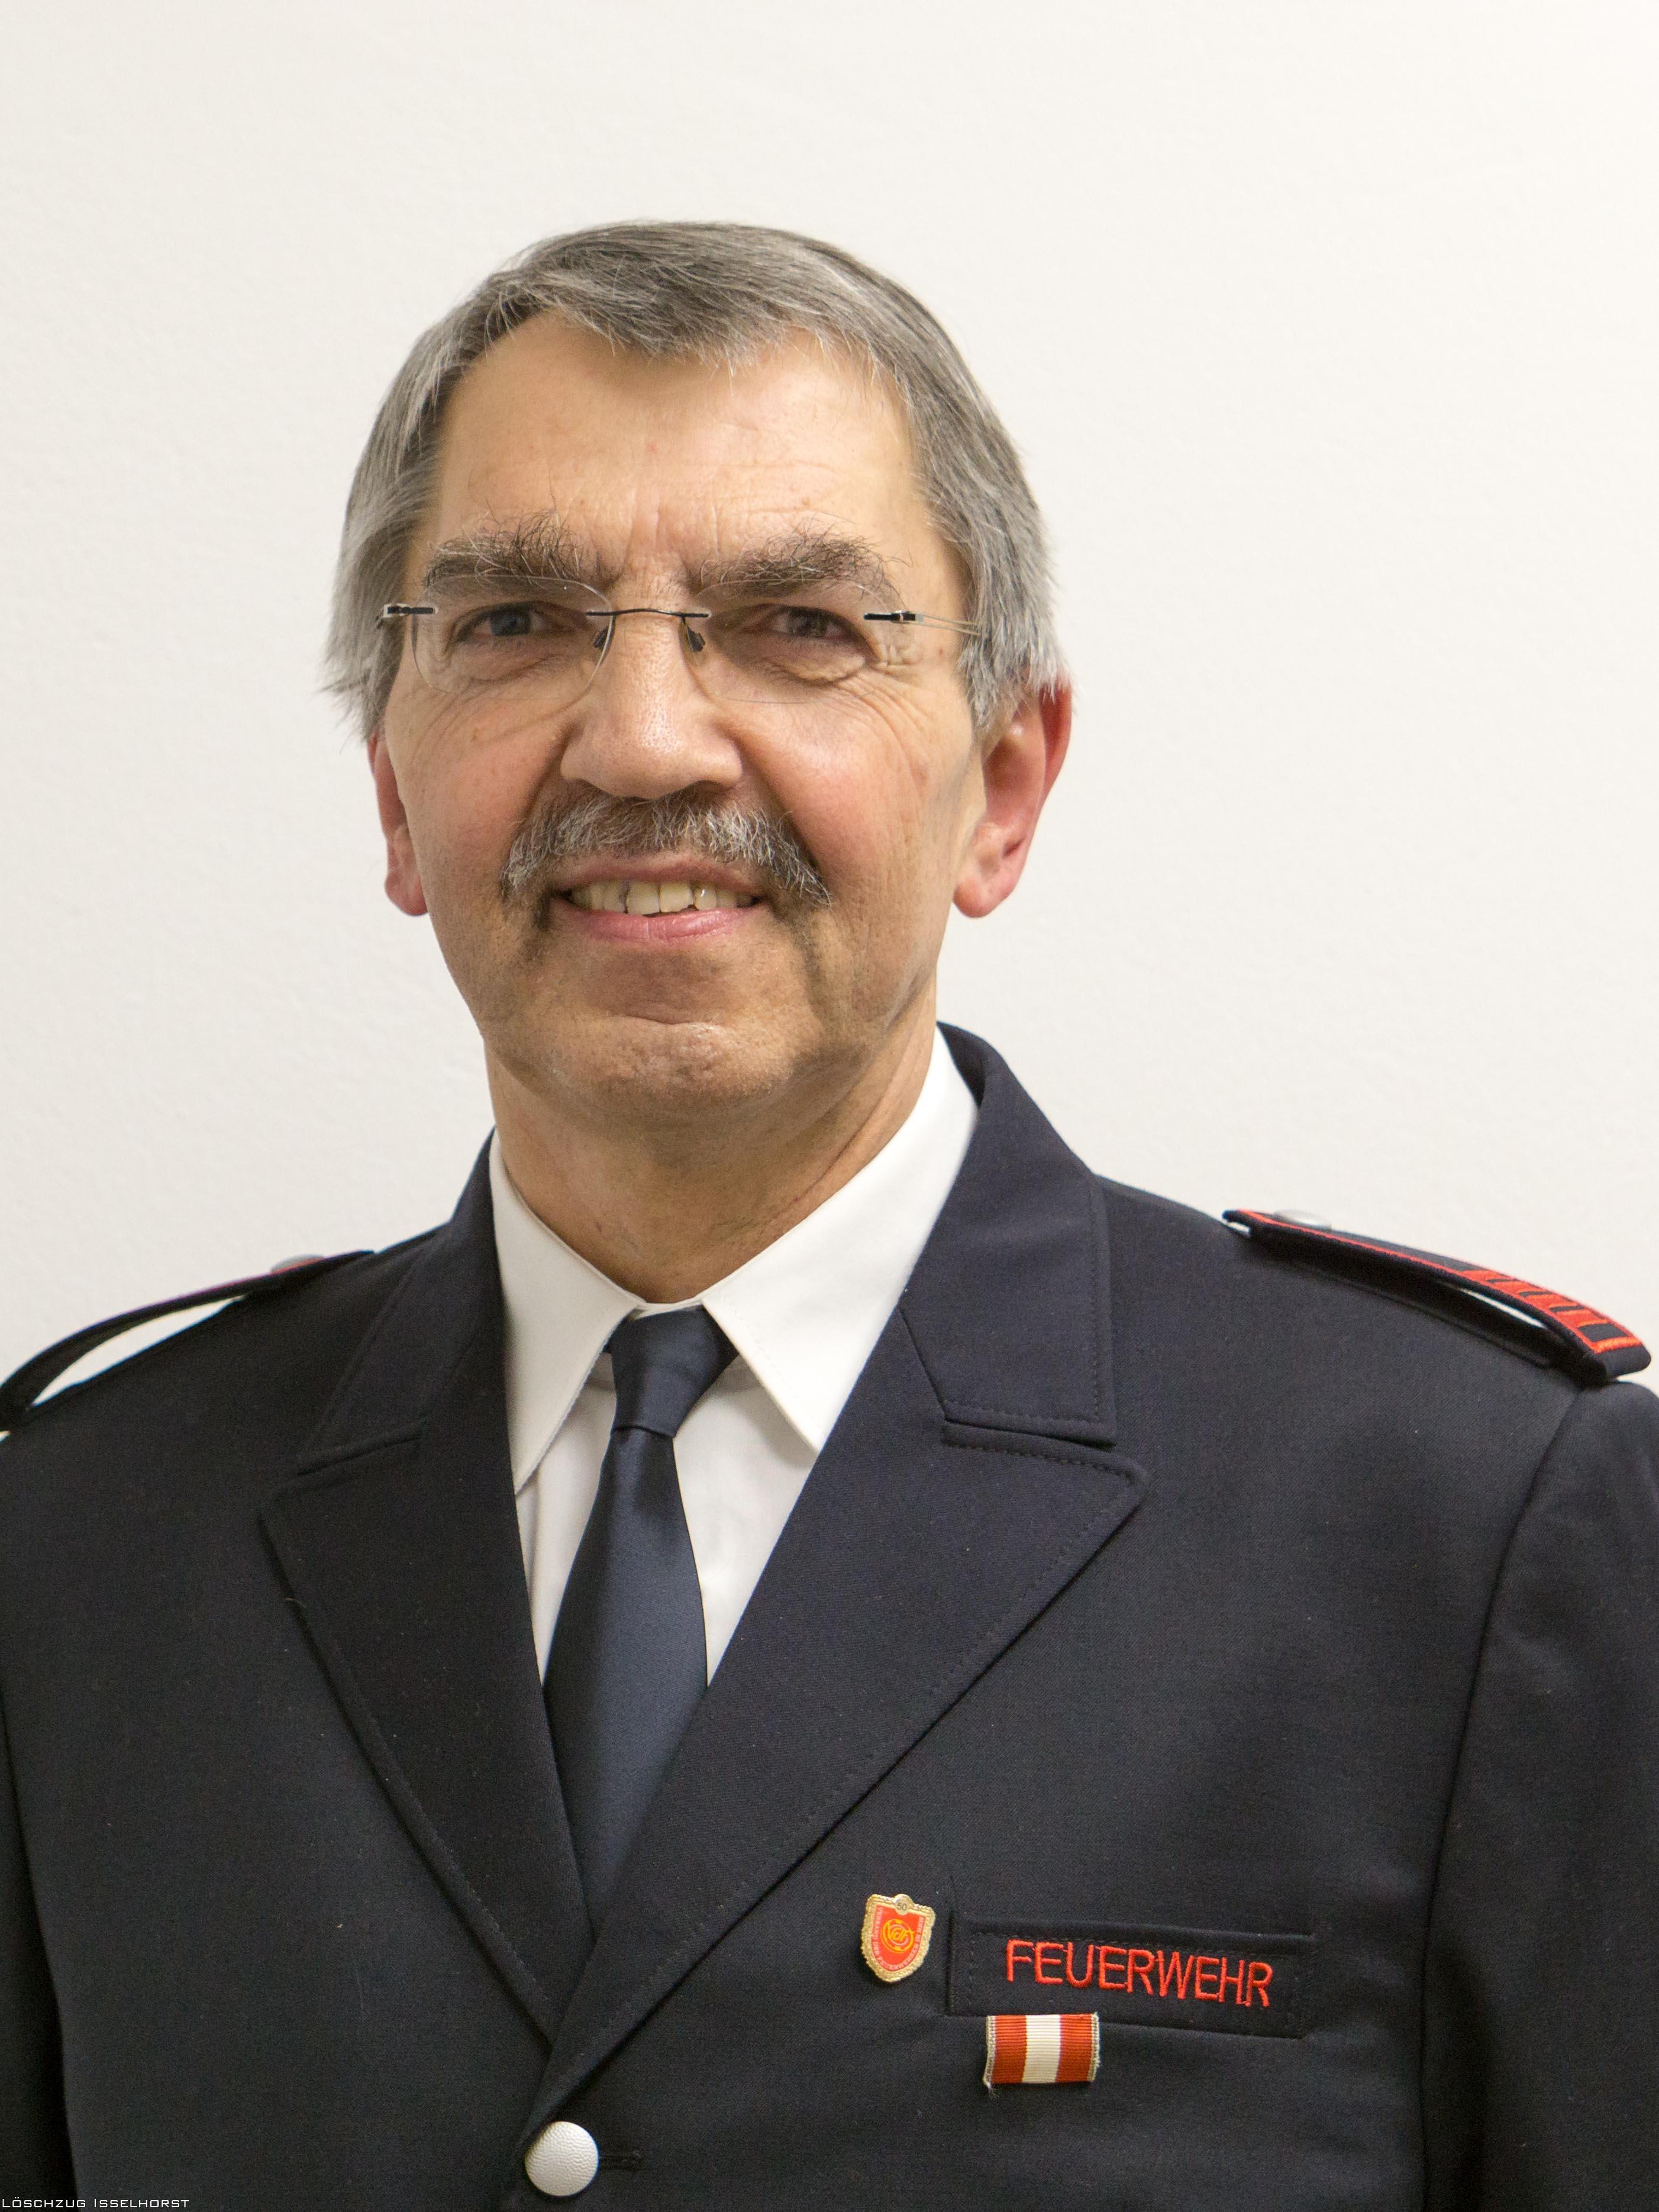 Rolf Imkamp